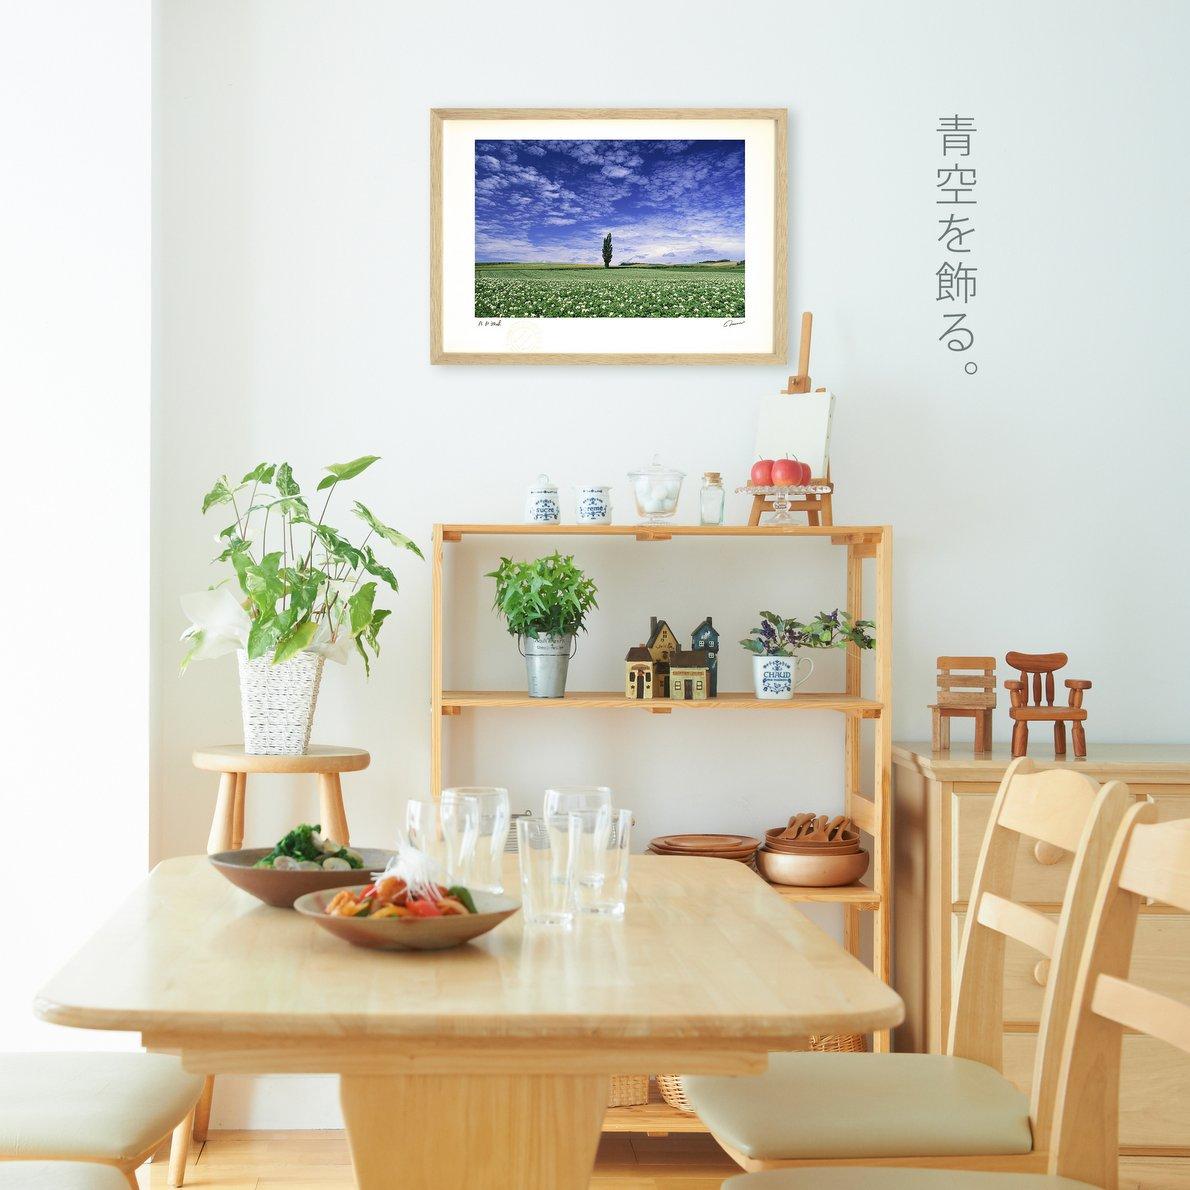 《アートフォト》桜2/富良野市〔富良野・高橋真澄〕(レンタル対象)